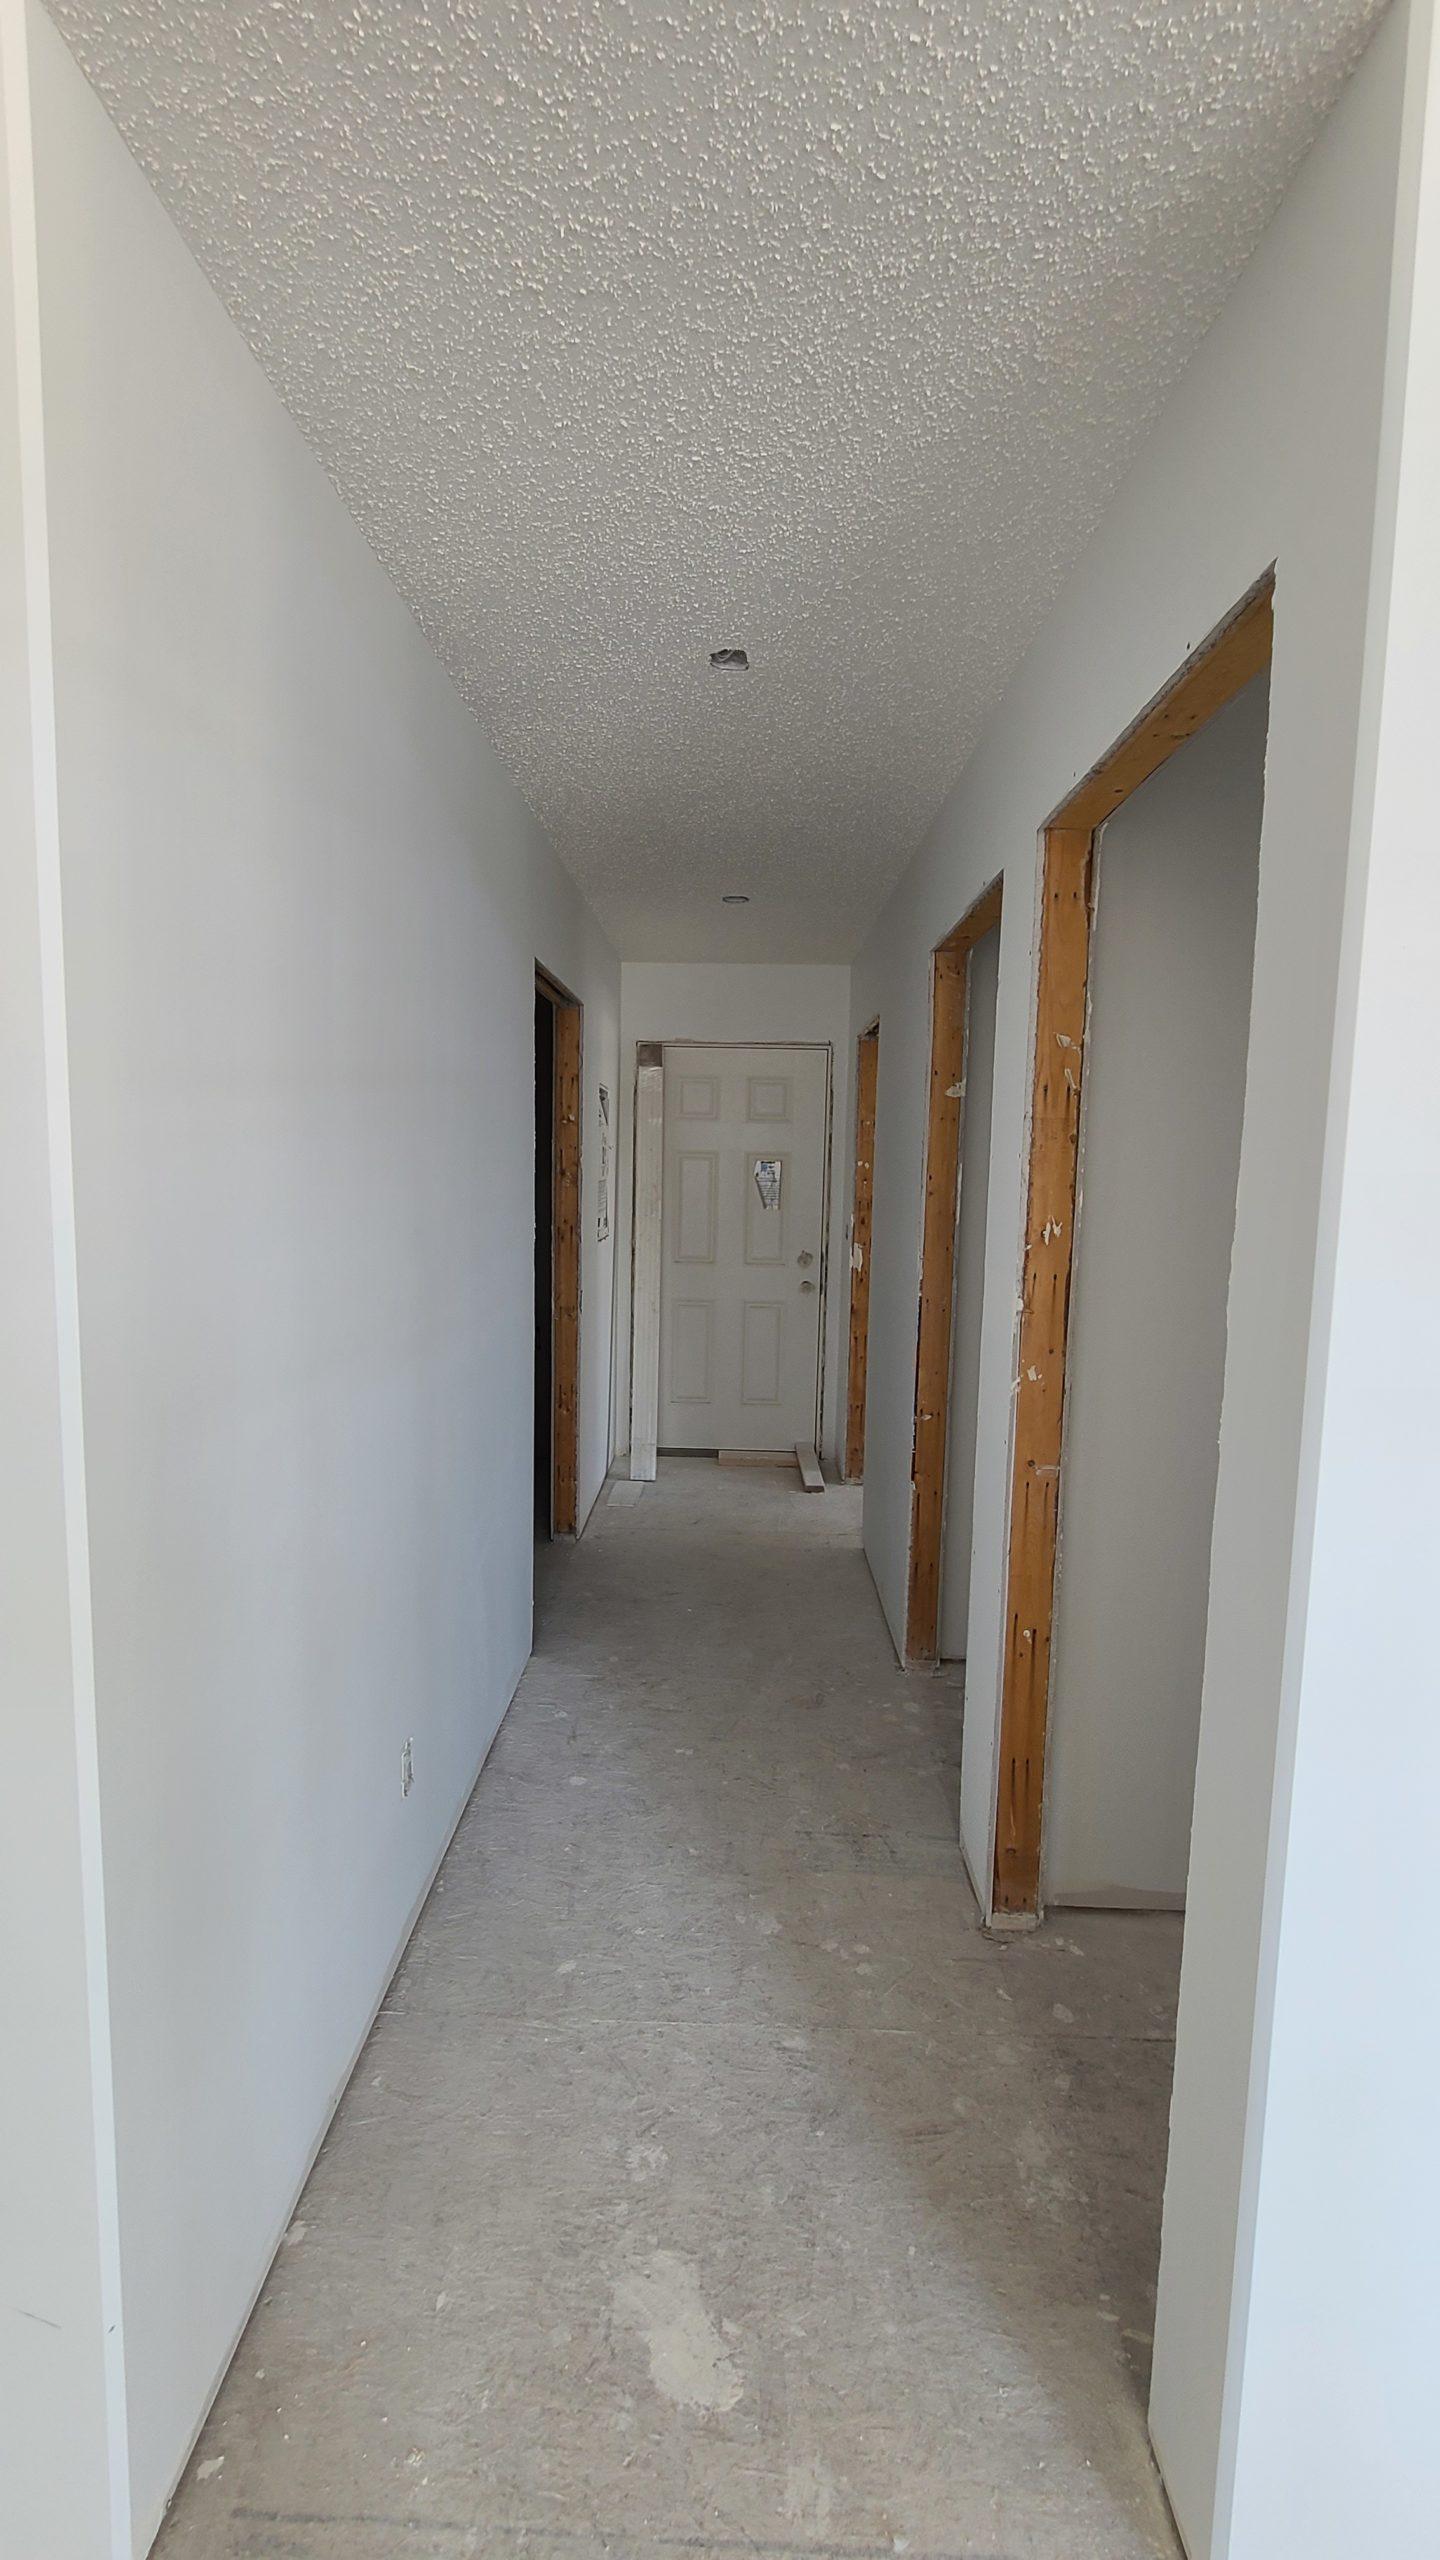 Back Door - Hallway RTM under construction